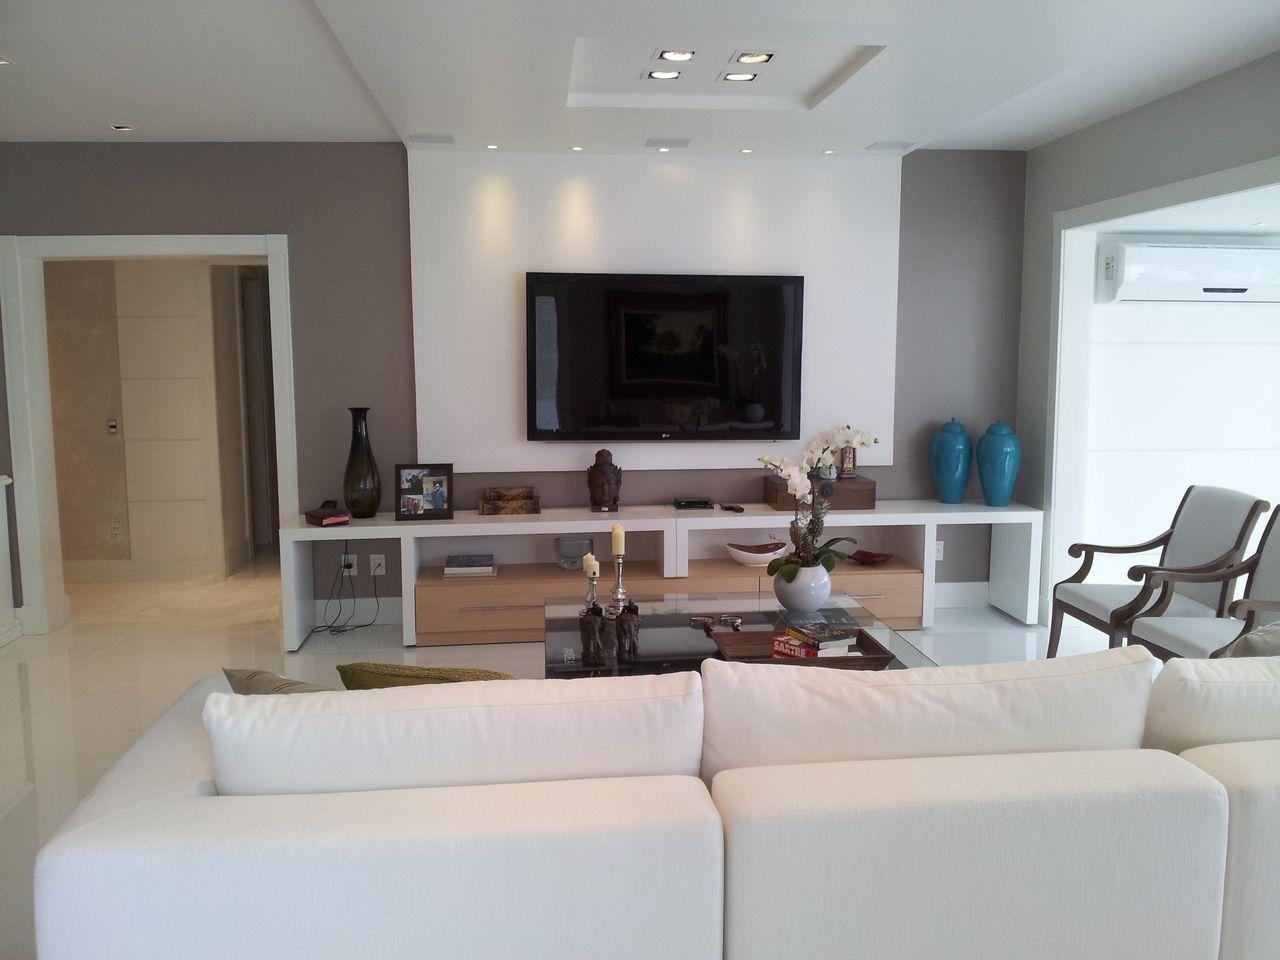 Sofa Sala De Tv O Sof Que Voc Quer Pra Receber As Visitas Ou Pra  -> Decoracao De Sala De Tv Com Sofa Azul